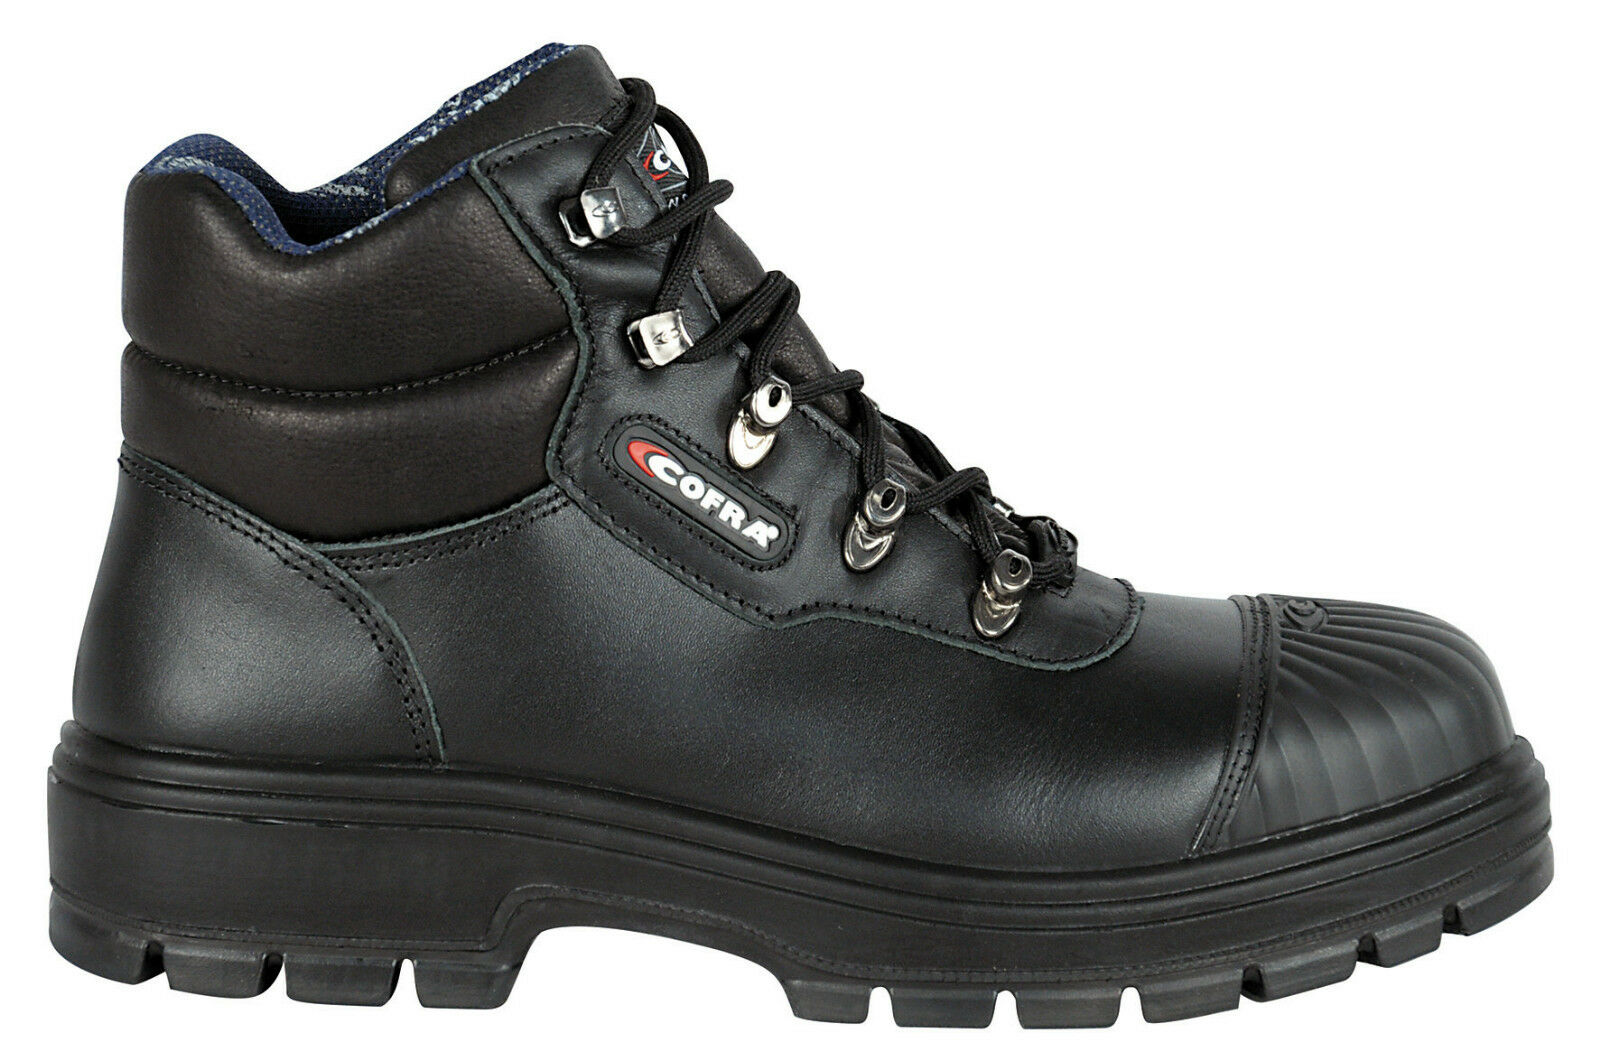 COFRA NEW SHEFFIELD s3 CR Hro Src Nero Punta composito resistente al taglio Stivali di sicurezza